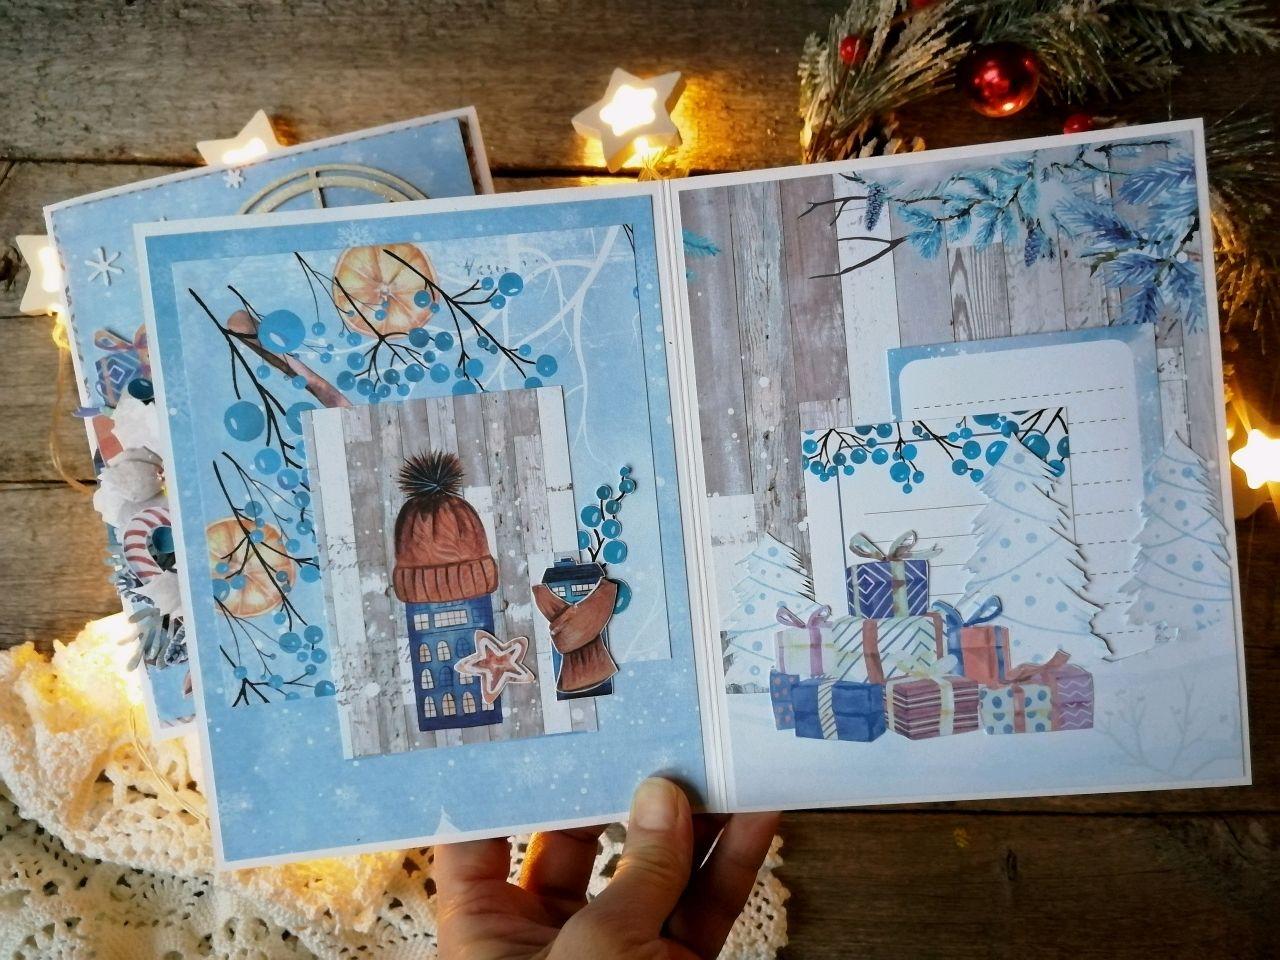 нов год ирождество открытка сам процесс опирается